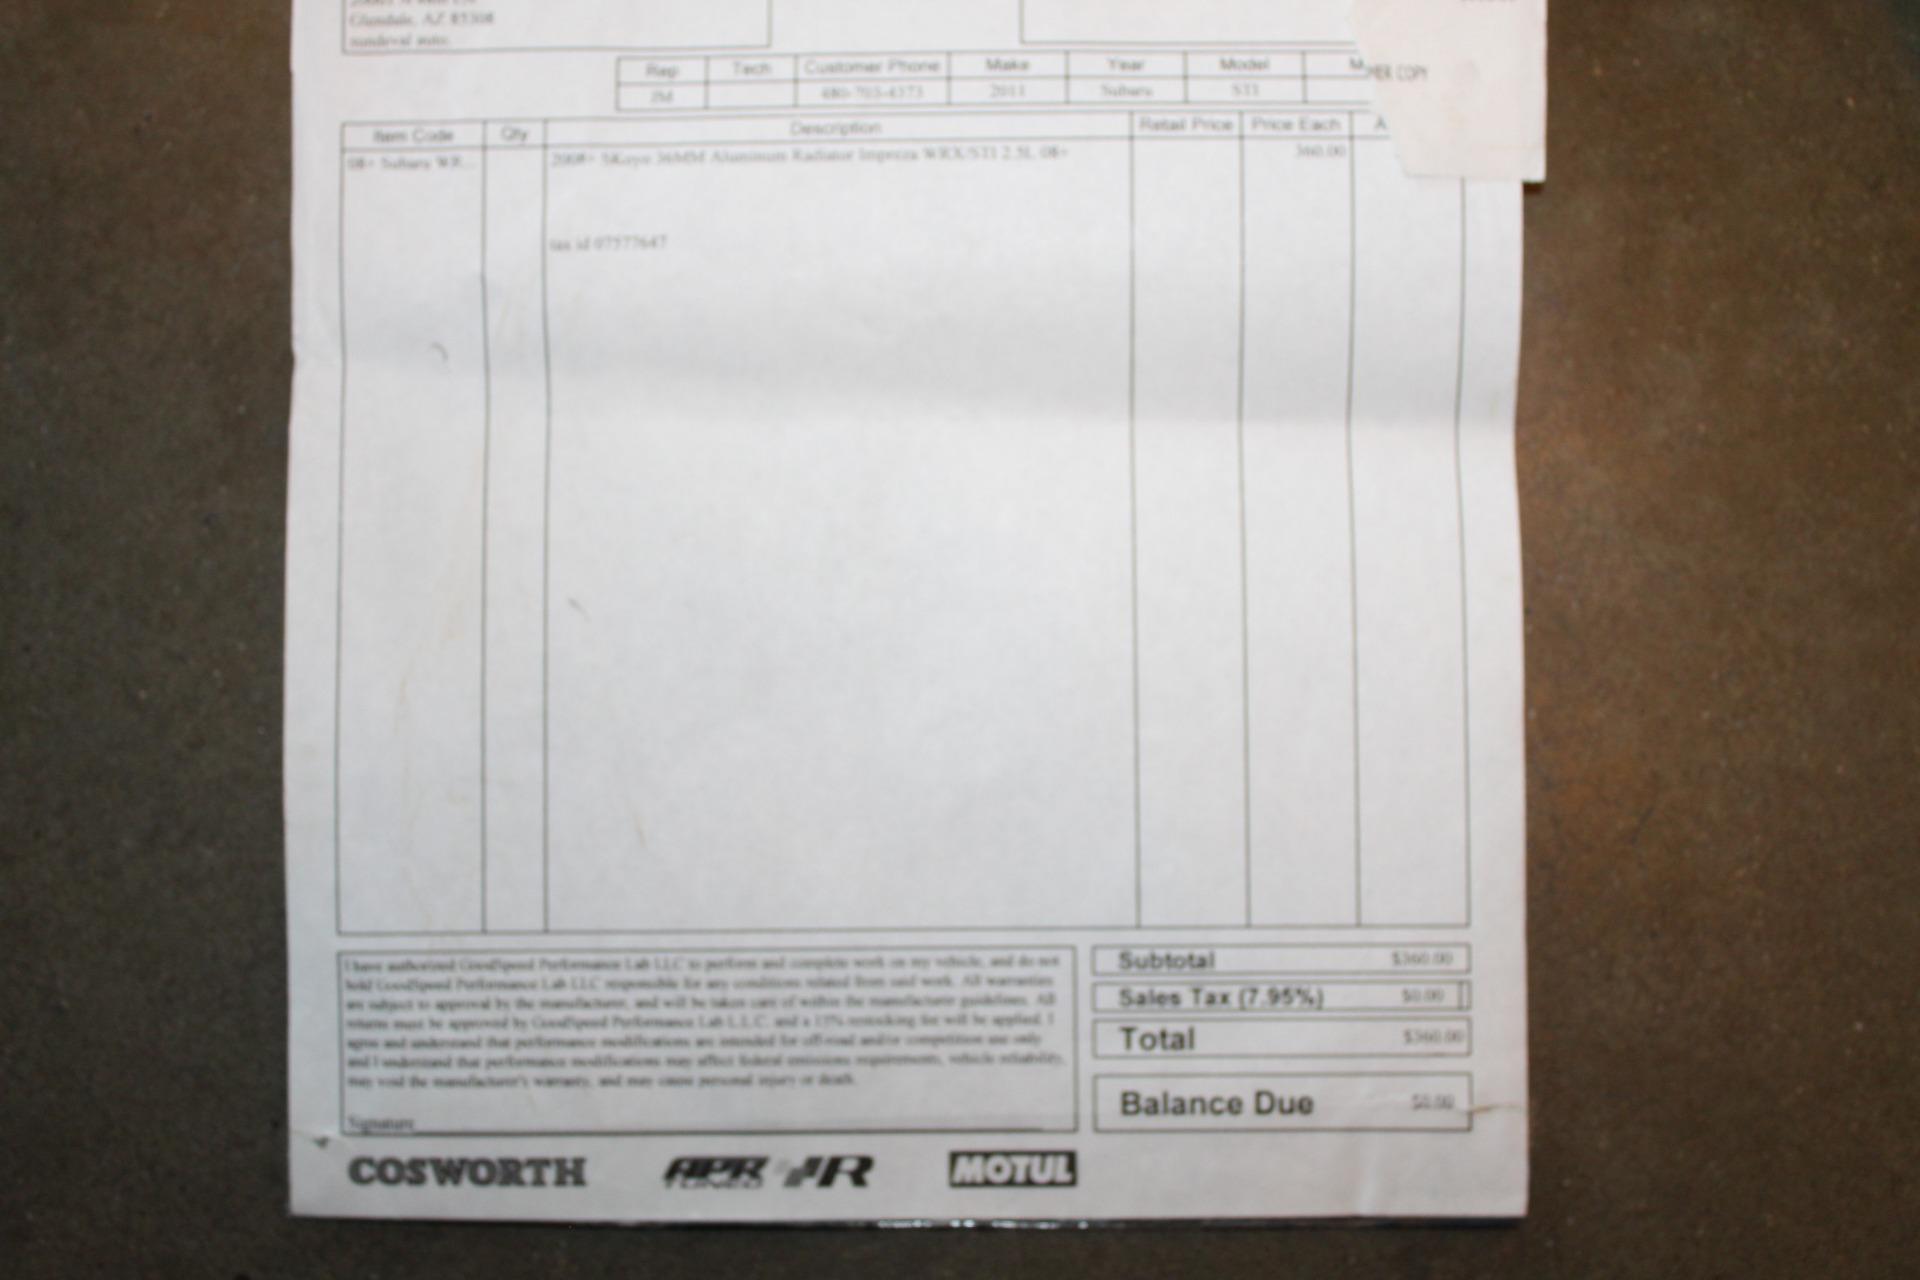 Used-2011-Subaru-Impreza-Sedan-WRX-STI-Range-Rover